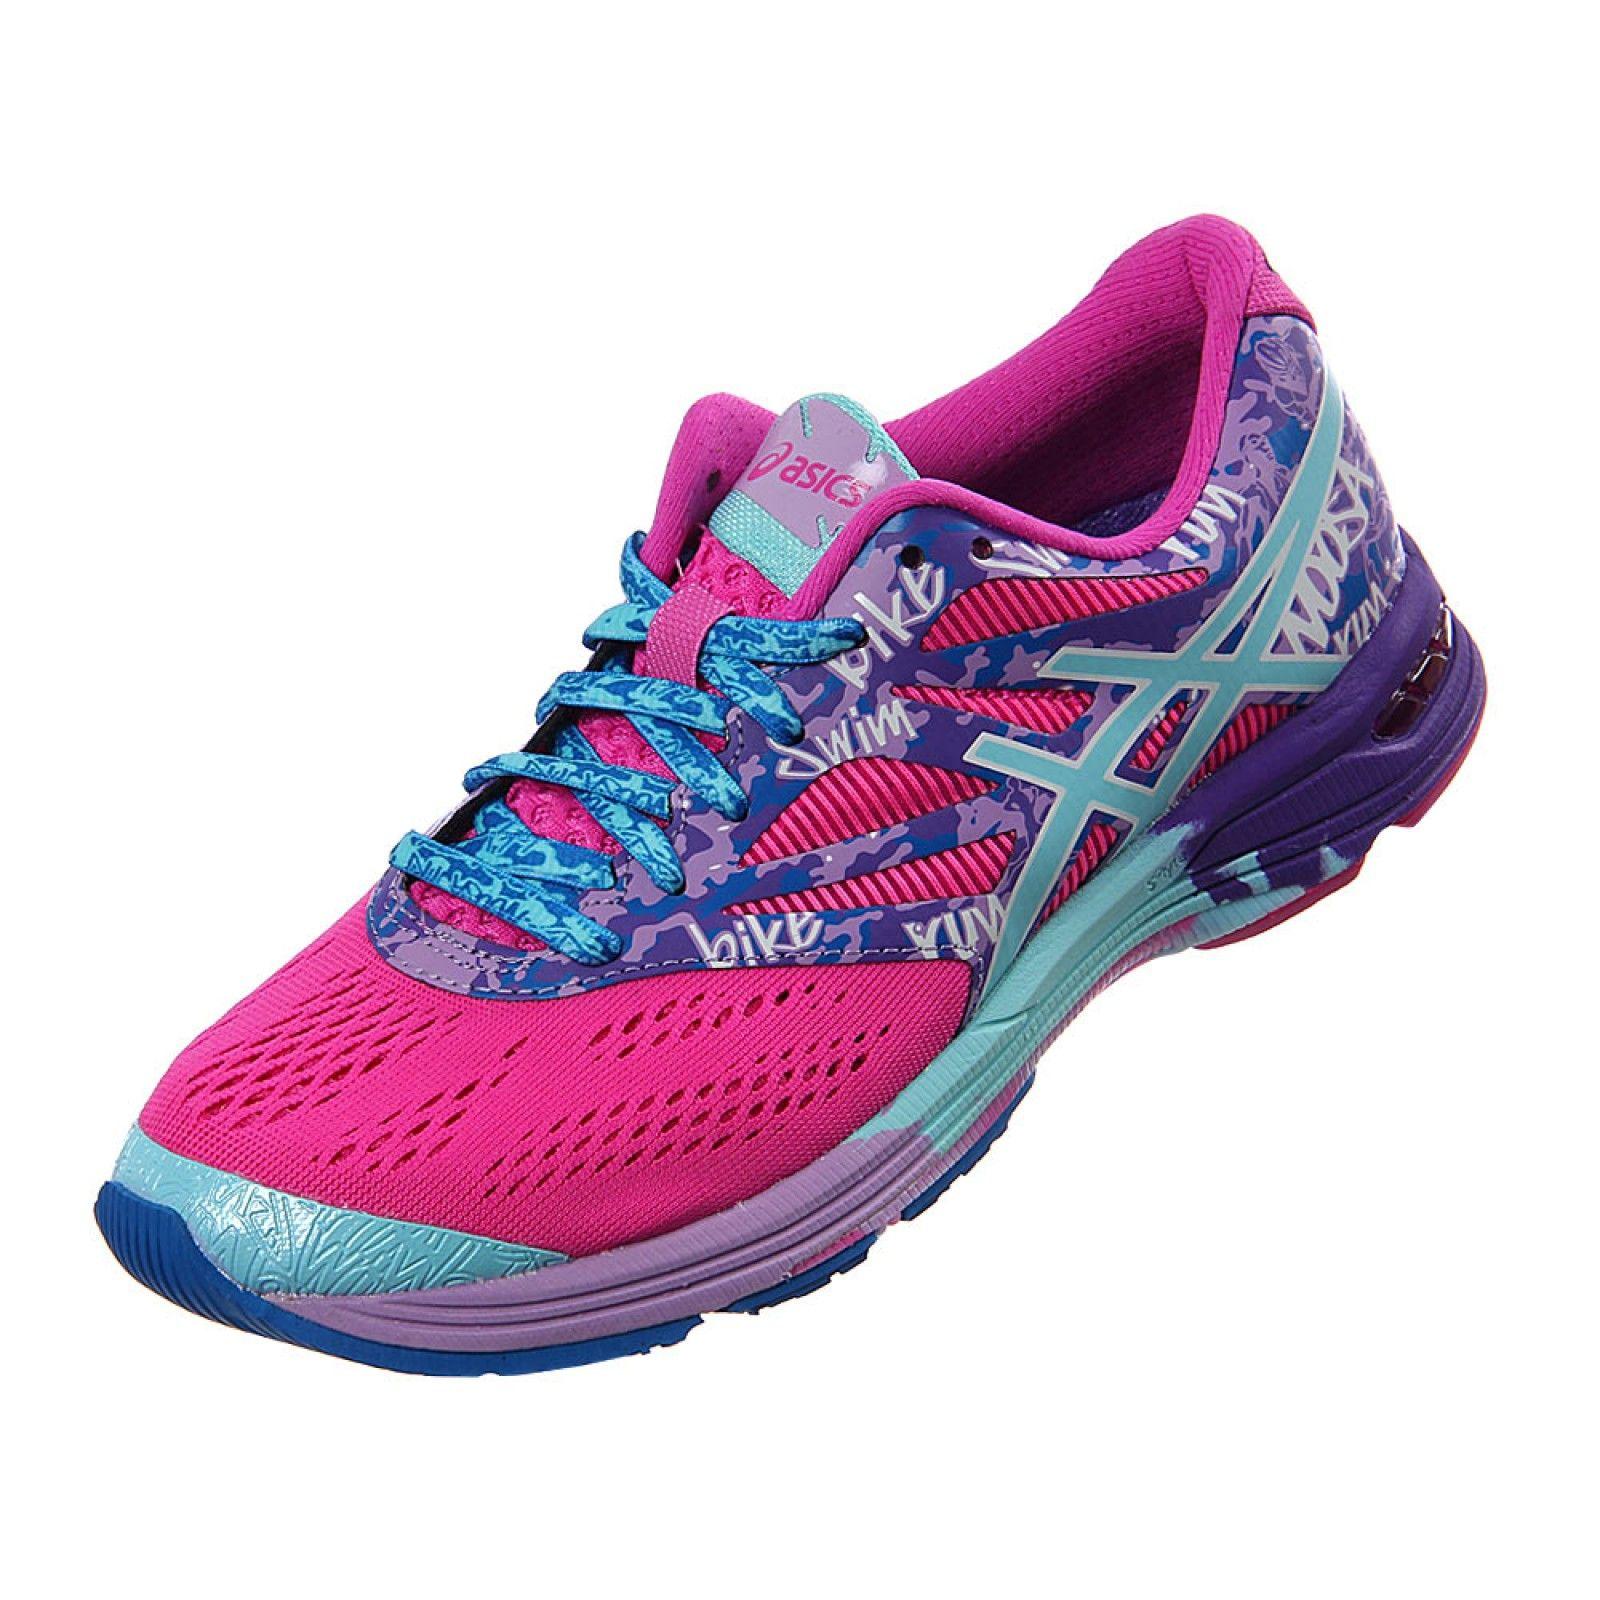 Mujer Y 10 Zapatos Combinaciones Noosa Tri Gel Calzas q4ATP4S